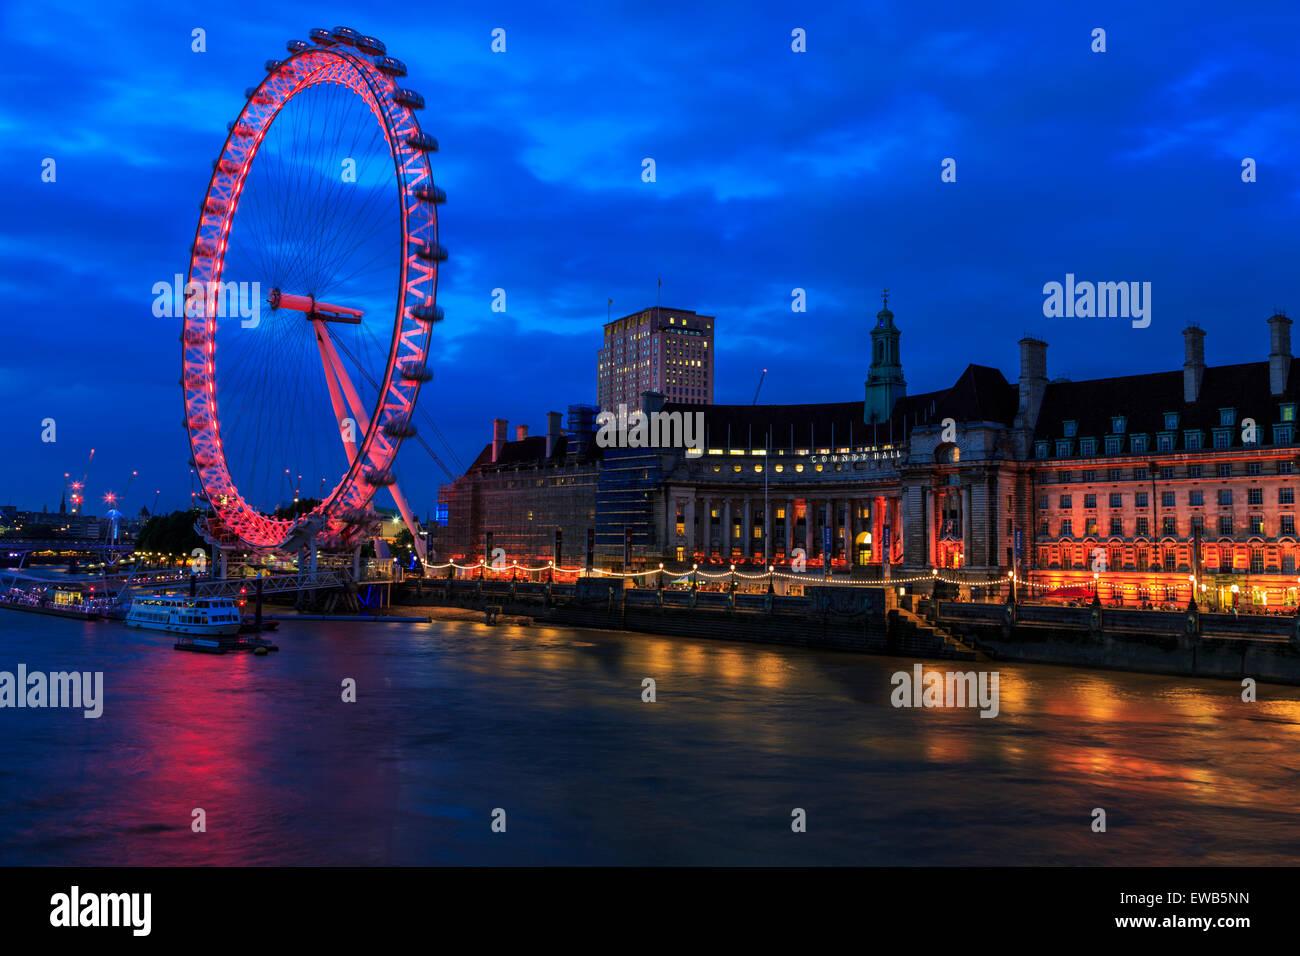 Immagine orizzontale del London Eye e County Hall sulla riva sud del fiume Tamigi a crepuscolo Londra Inghilterra Immagini Stock